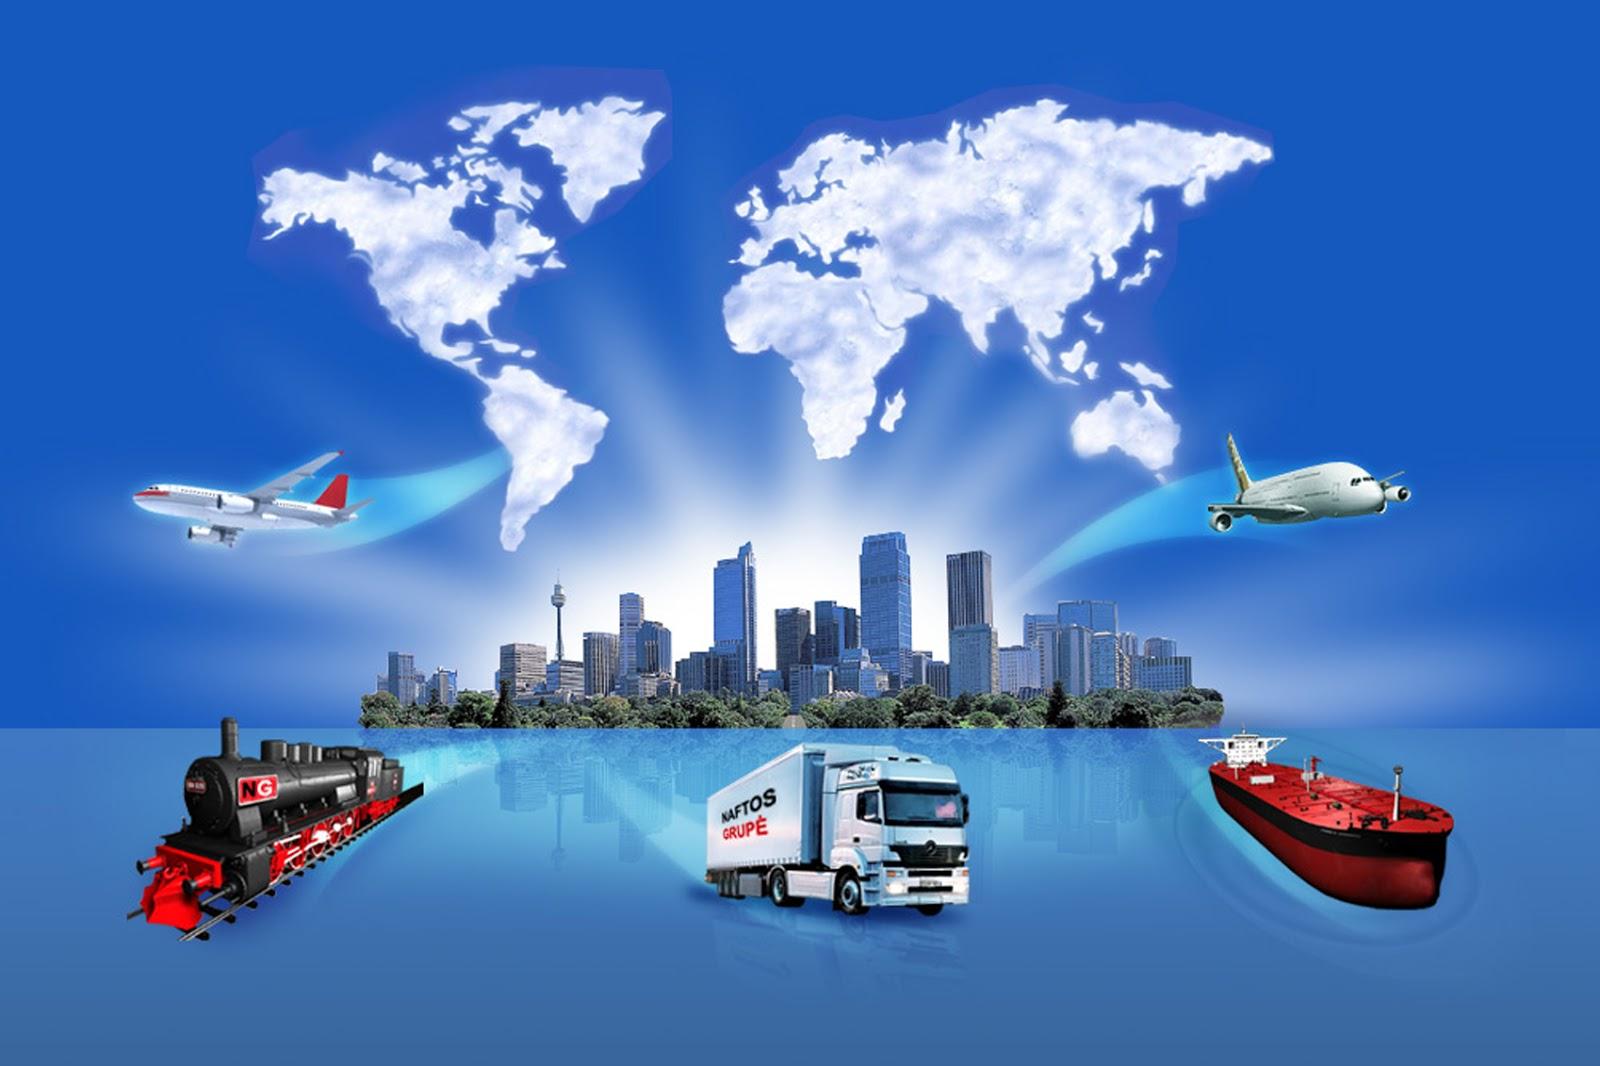 20 tiêu chí đánh giá công ty vận chuyển hàng hoá uy tín và chuyên nghiệp